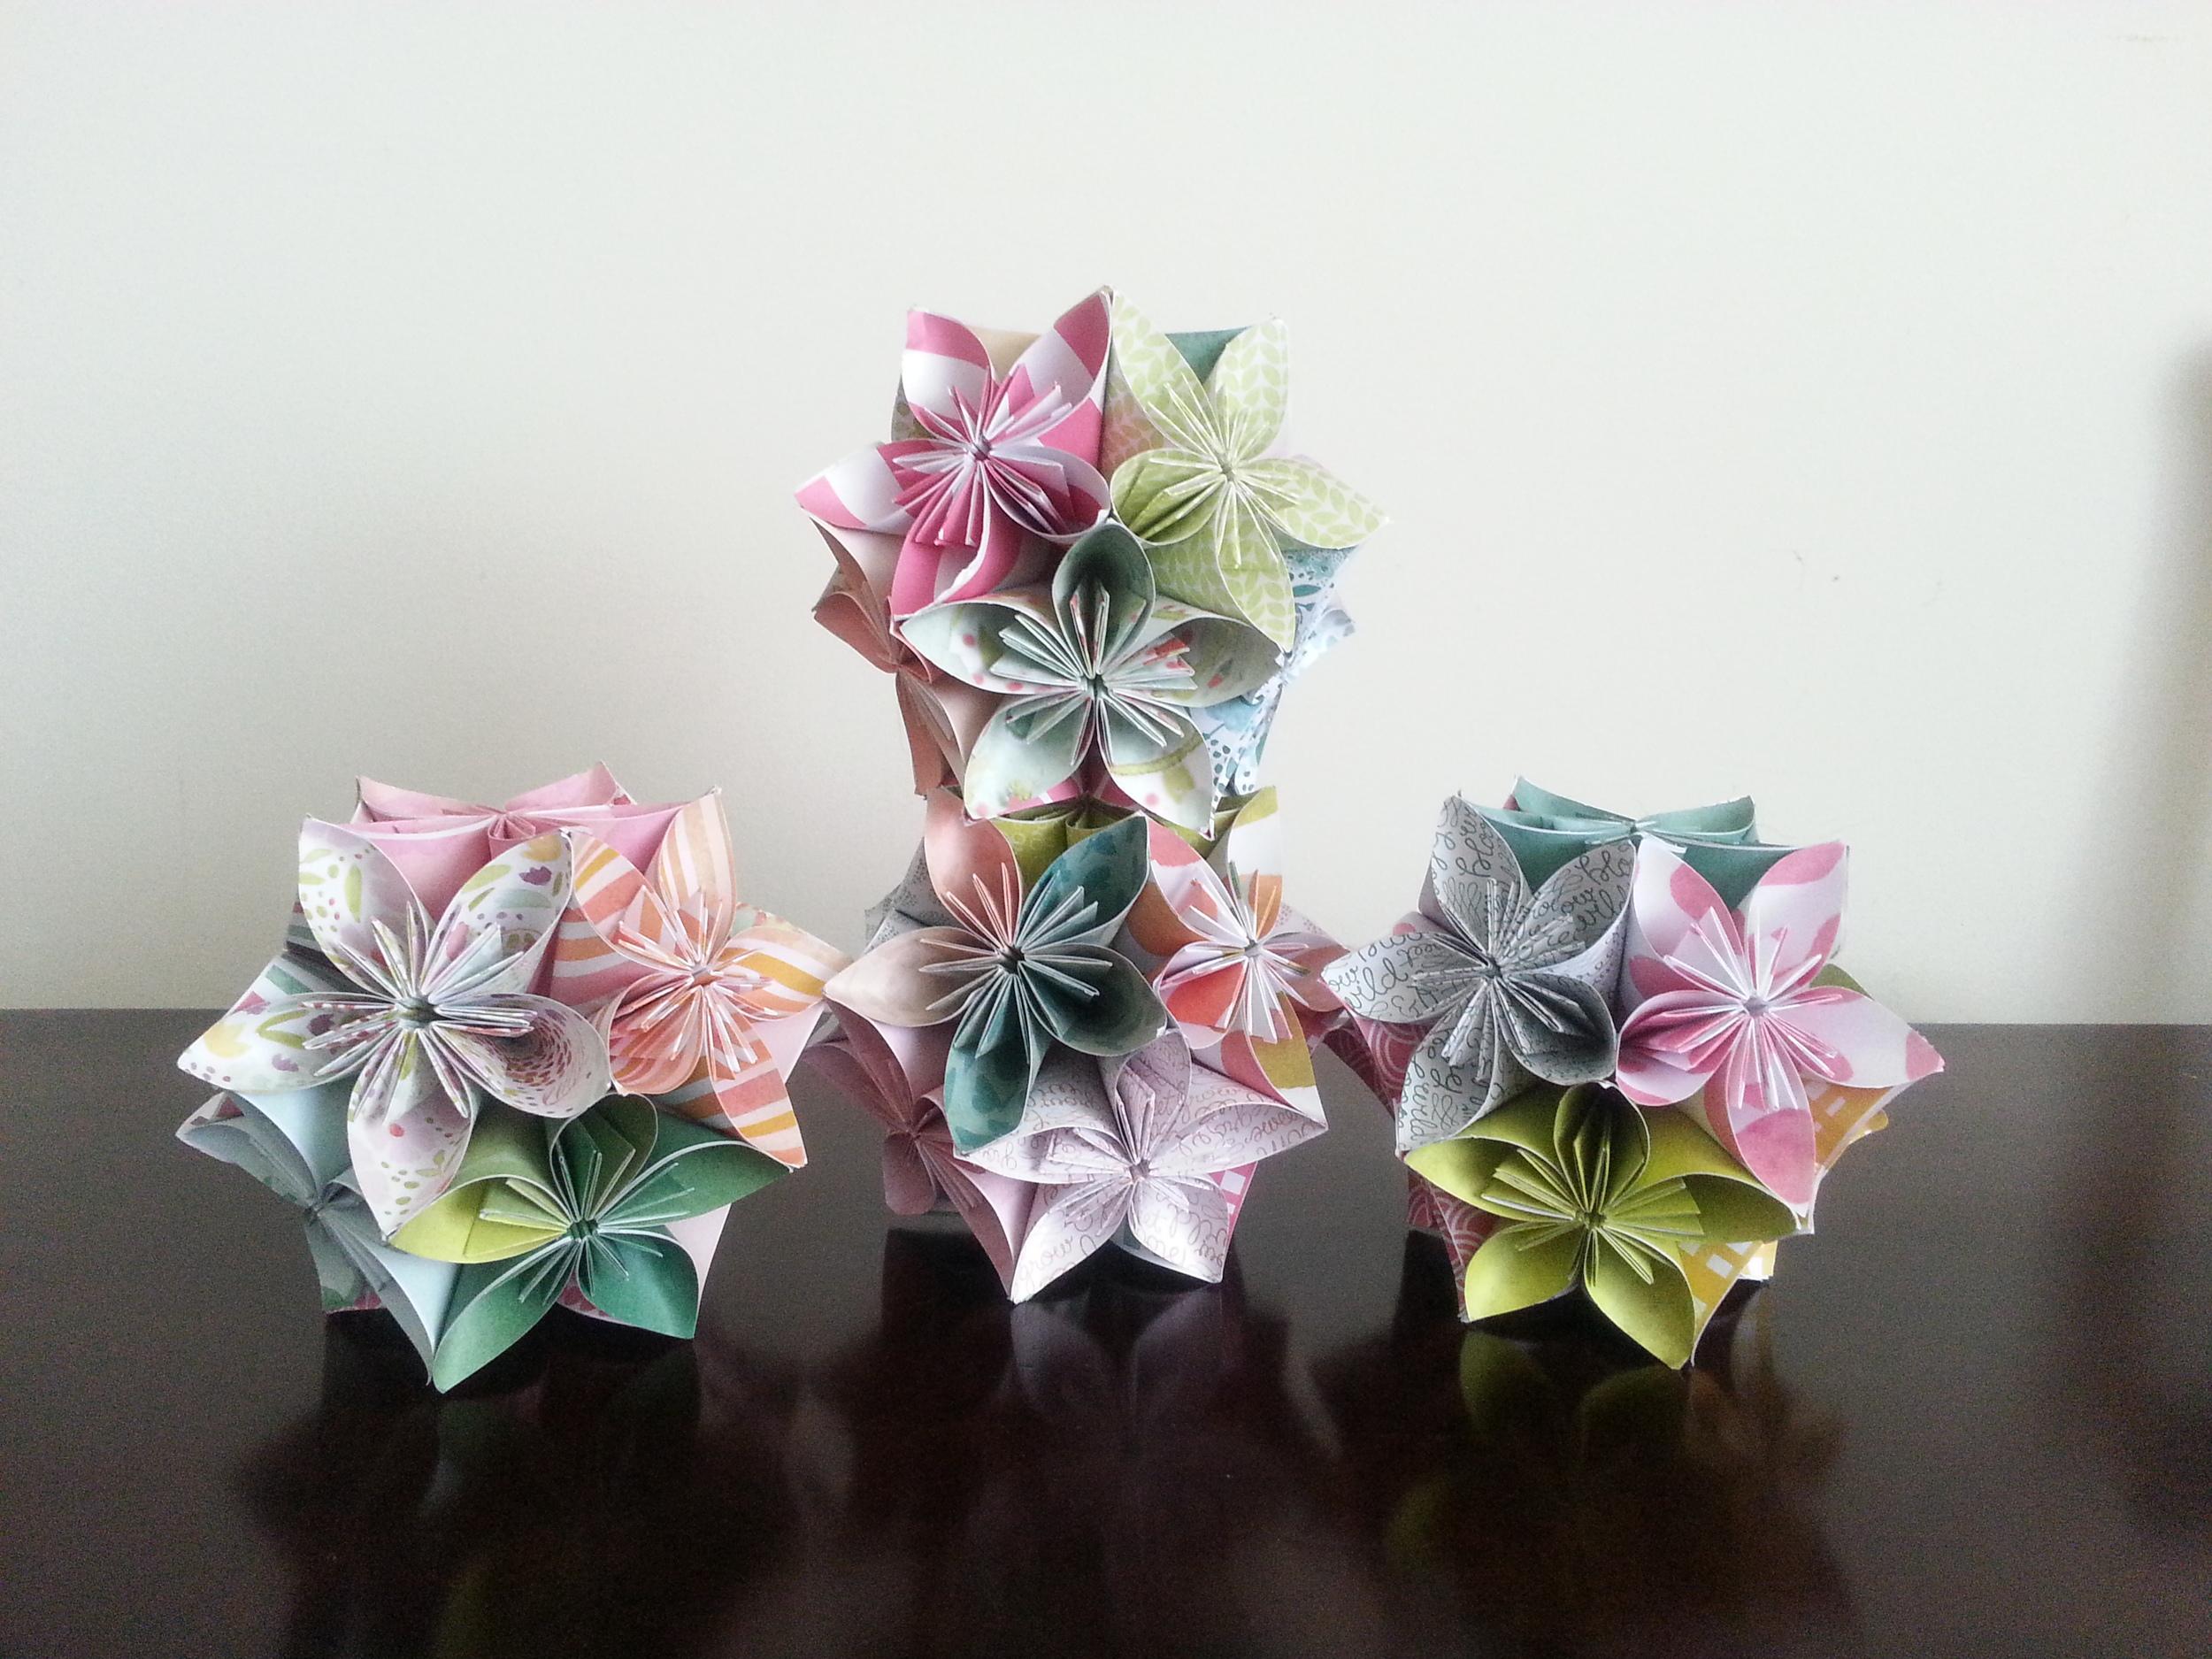 more origami flower balls - stack 'em!